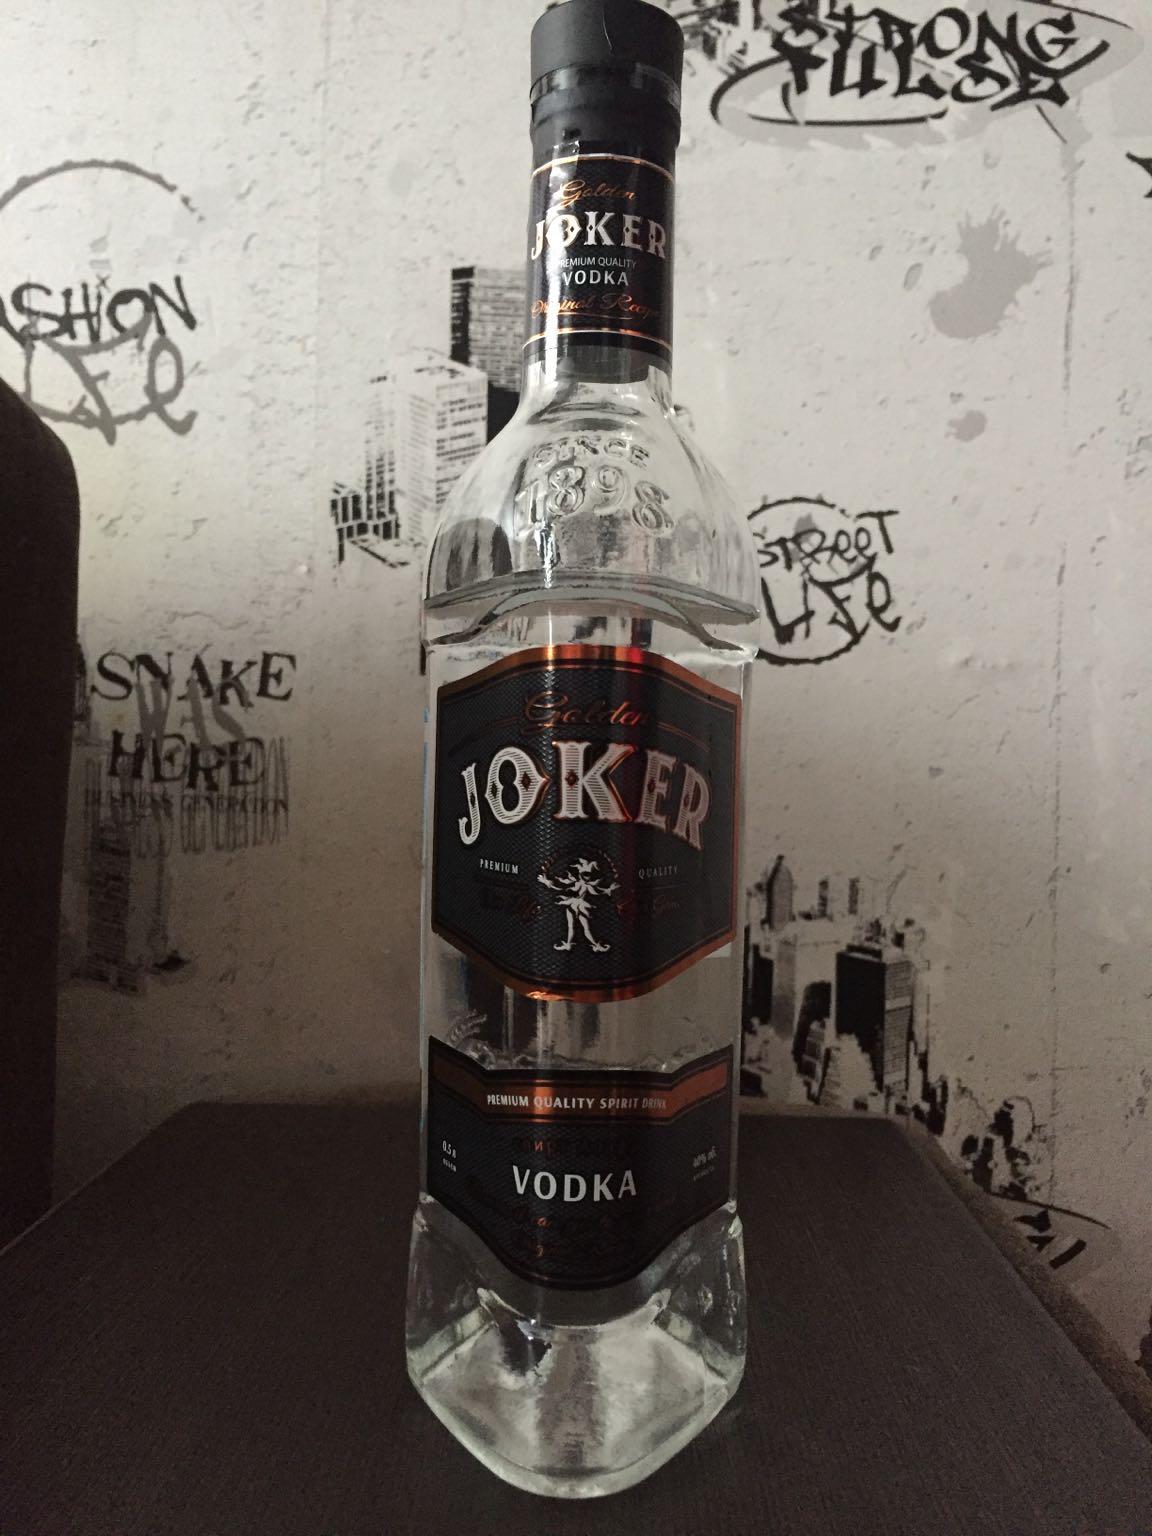 фото бутылки водки Золотой Джокер